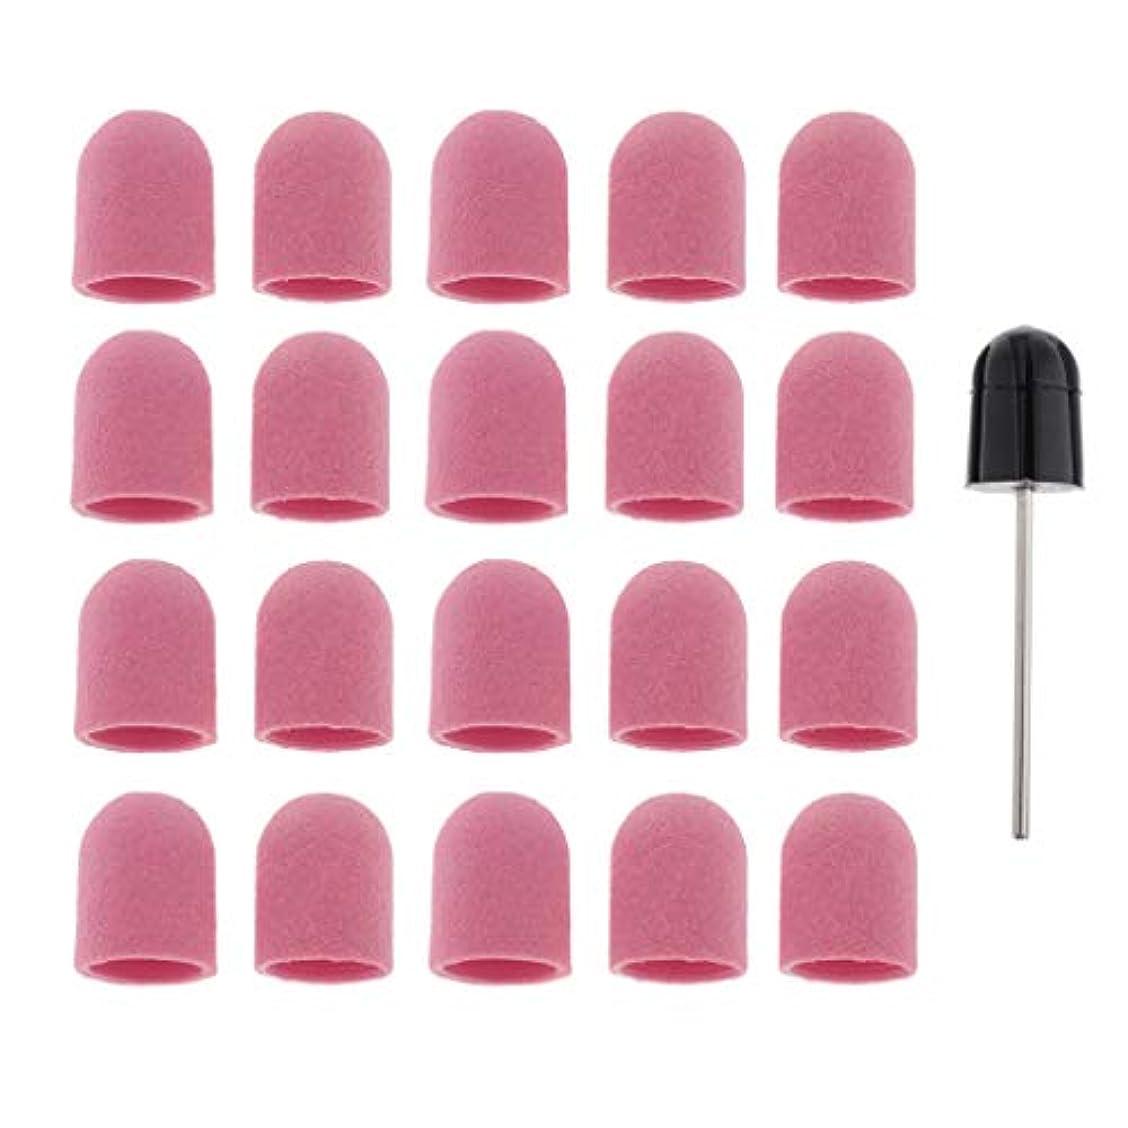 ベリー関与する眼Perfeclan ネイルアート ドリルビットバフ 研削ビットバフ キャップ 角質除去 爪磨き ツール 約20本 全5カラー - ピンク